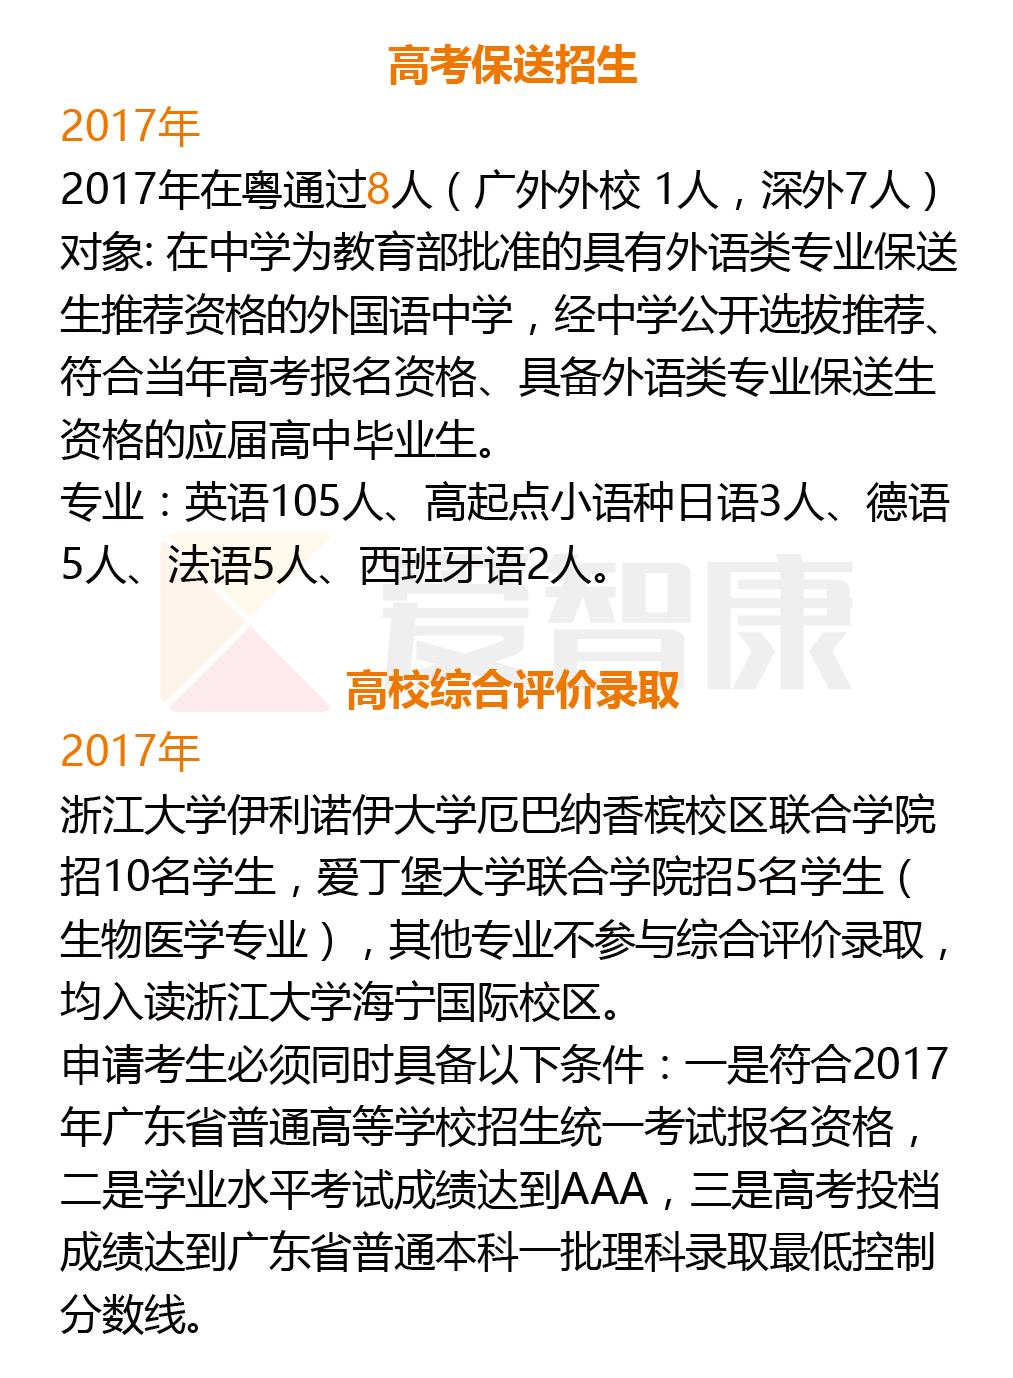 浙江大学高校评价